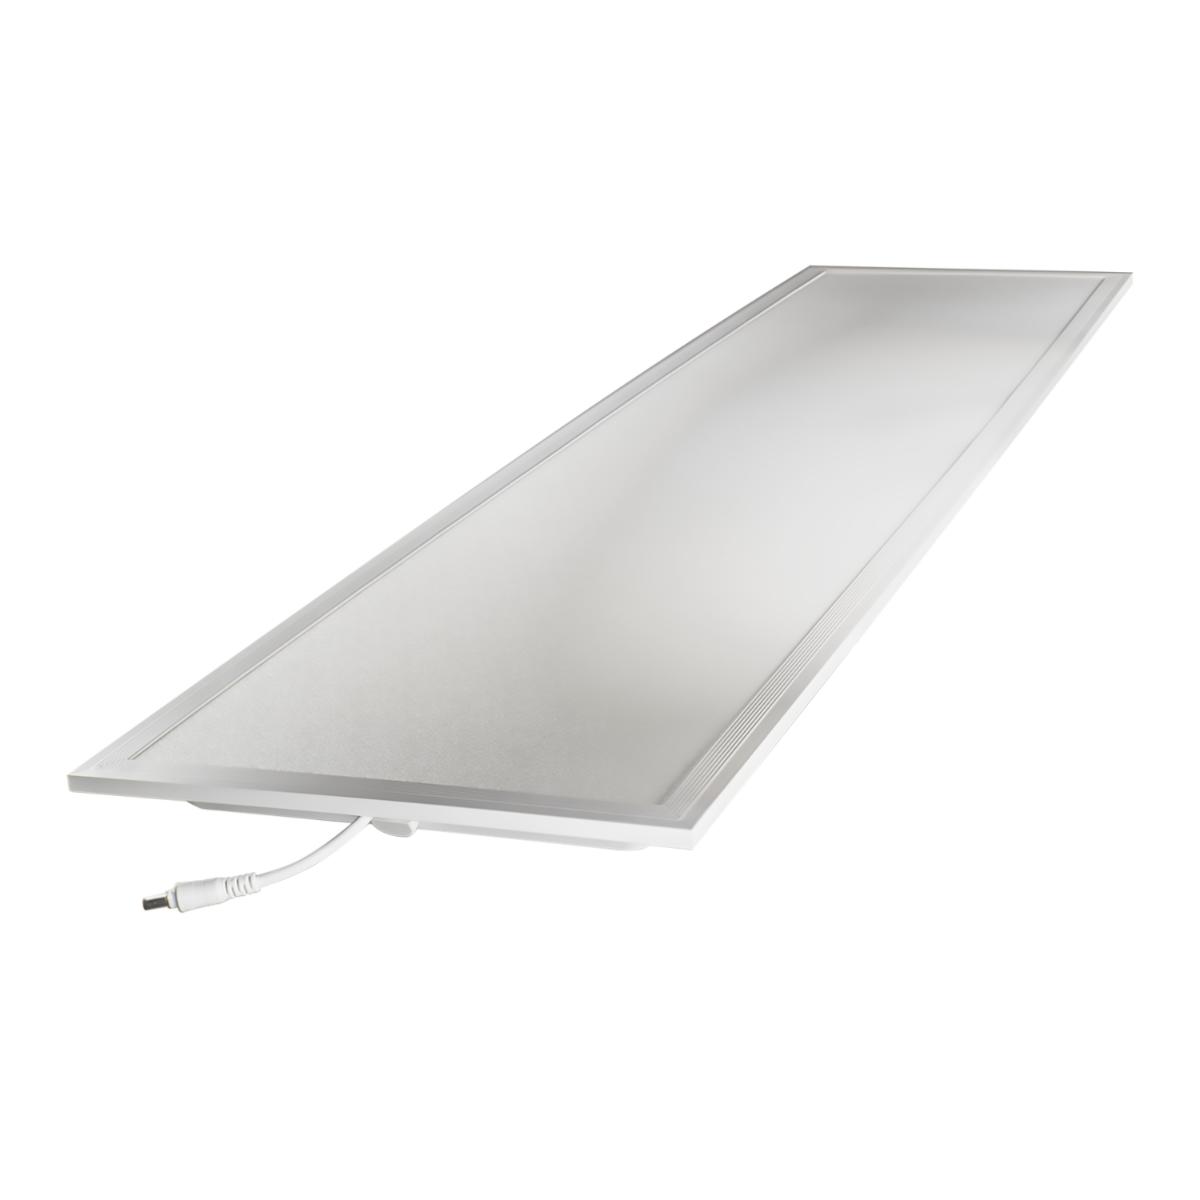 Noxion Panneau LED Delta Pro Highlum V2.0 Xitanium DALI 40W 30x120cm 4000K 5480lm UGR <19 | Dali Dimmable - Blanc Froid - Substitut 2x36W